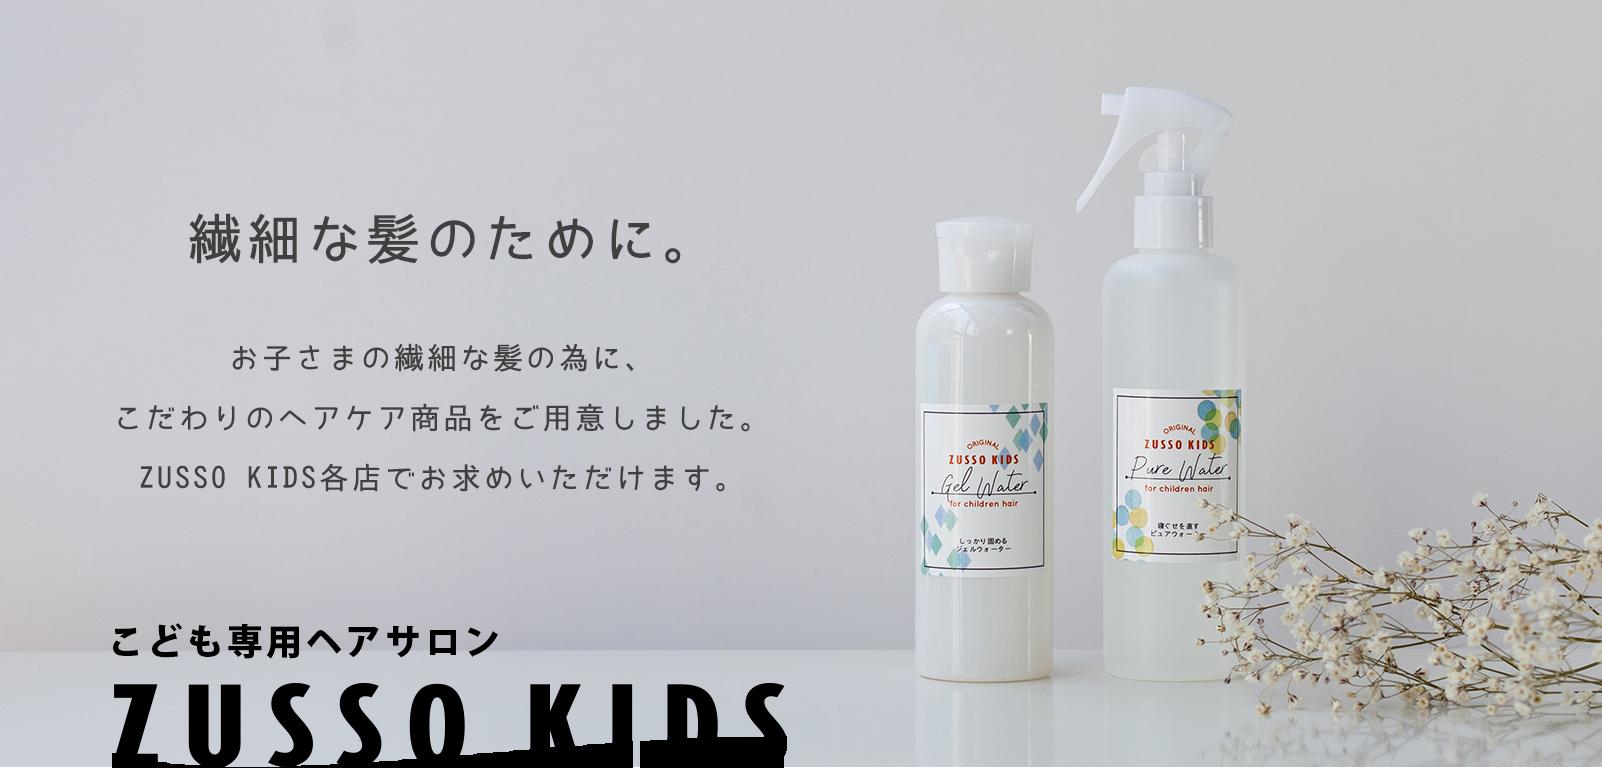 繊細な髪のために。お子さまの繊細な髪の為に、こだわりのヘアケア商品をご用意しました。ZUSSO KIDS 各店でお求めいただけます。こども専用ヘアサロン ZUSSO KIDS